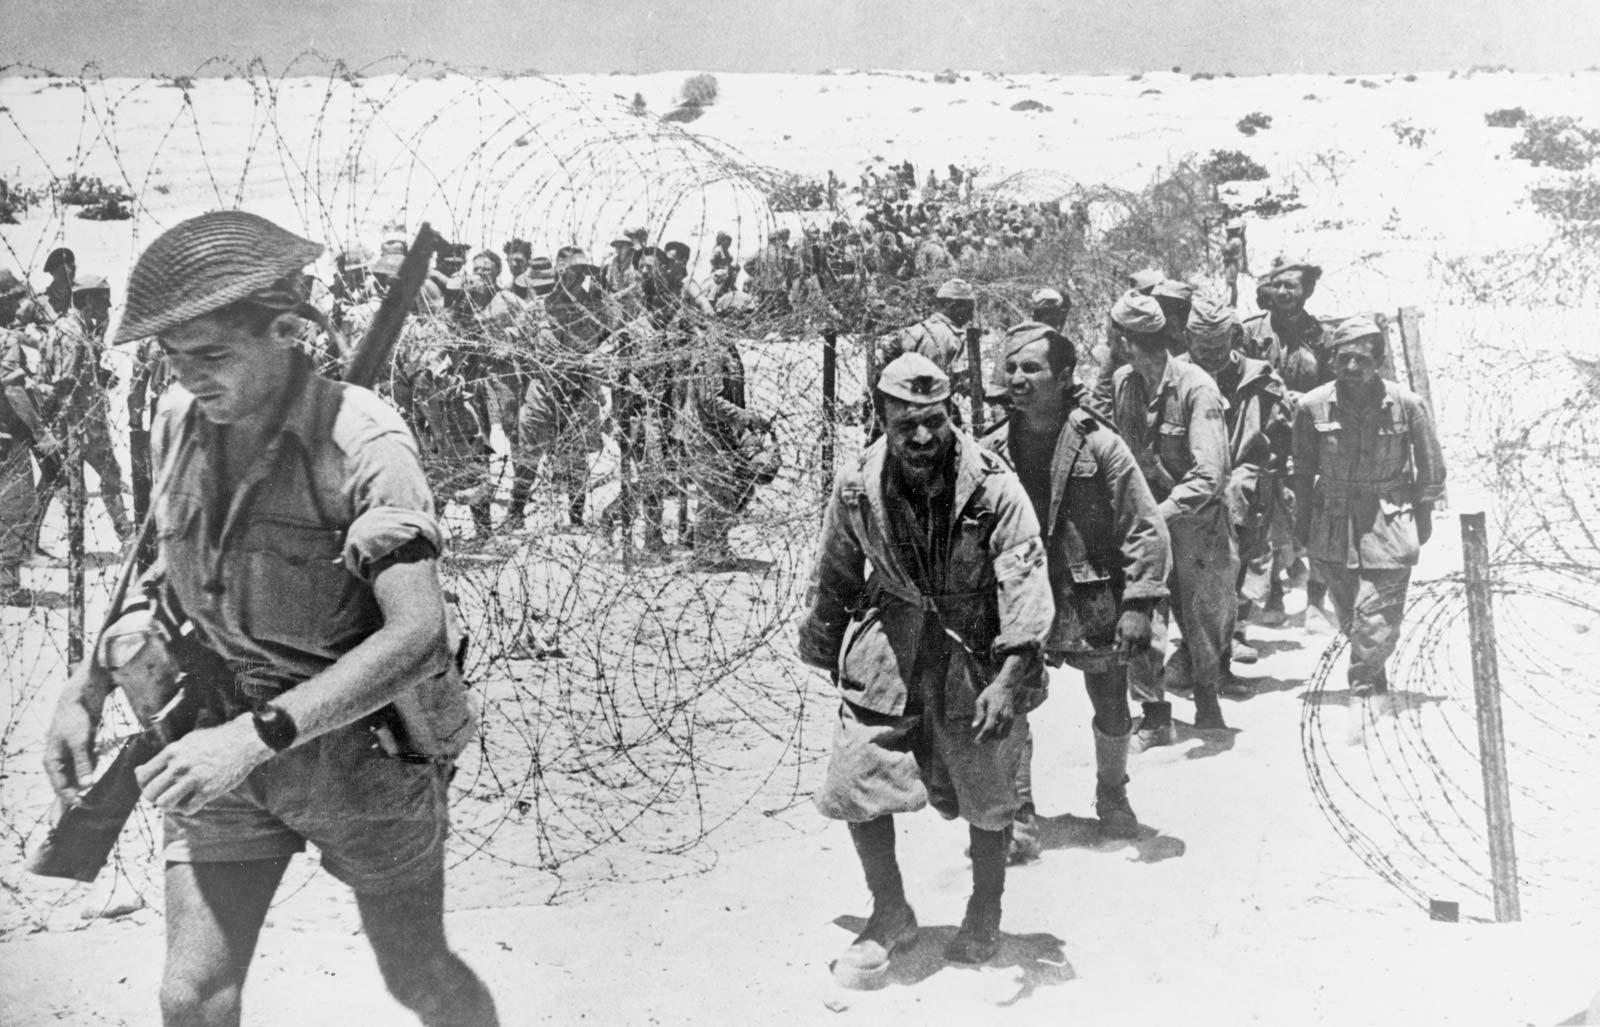 معركة العلمين - هزم الجيش البريطاني الثامن قوات المارشال الألماني - قيادة الجيش البريطاني الثامن في شمال إفريقيا - السيطرة على قناة السويس